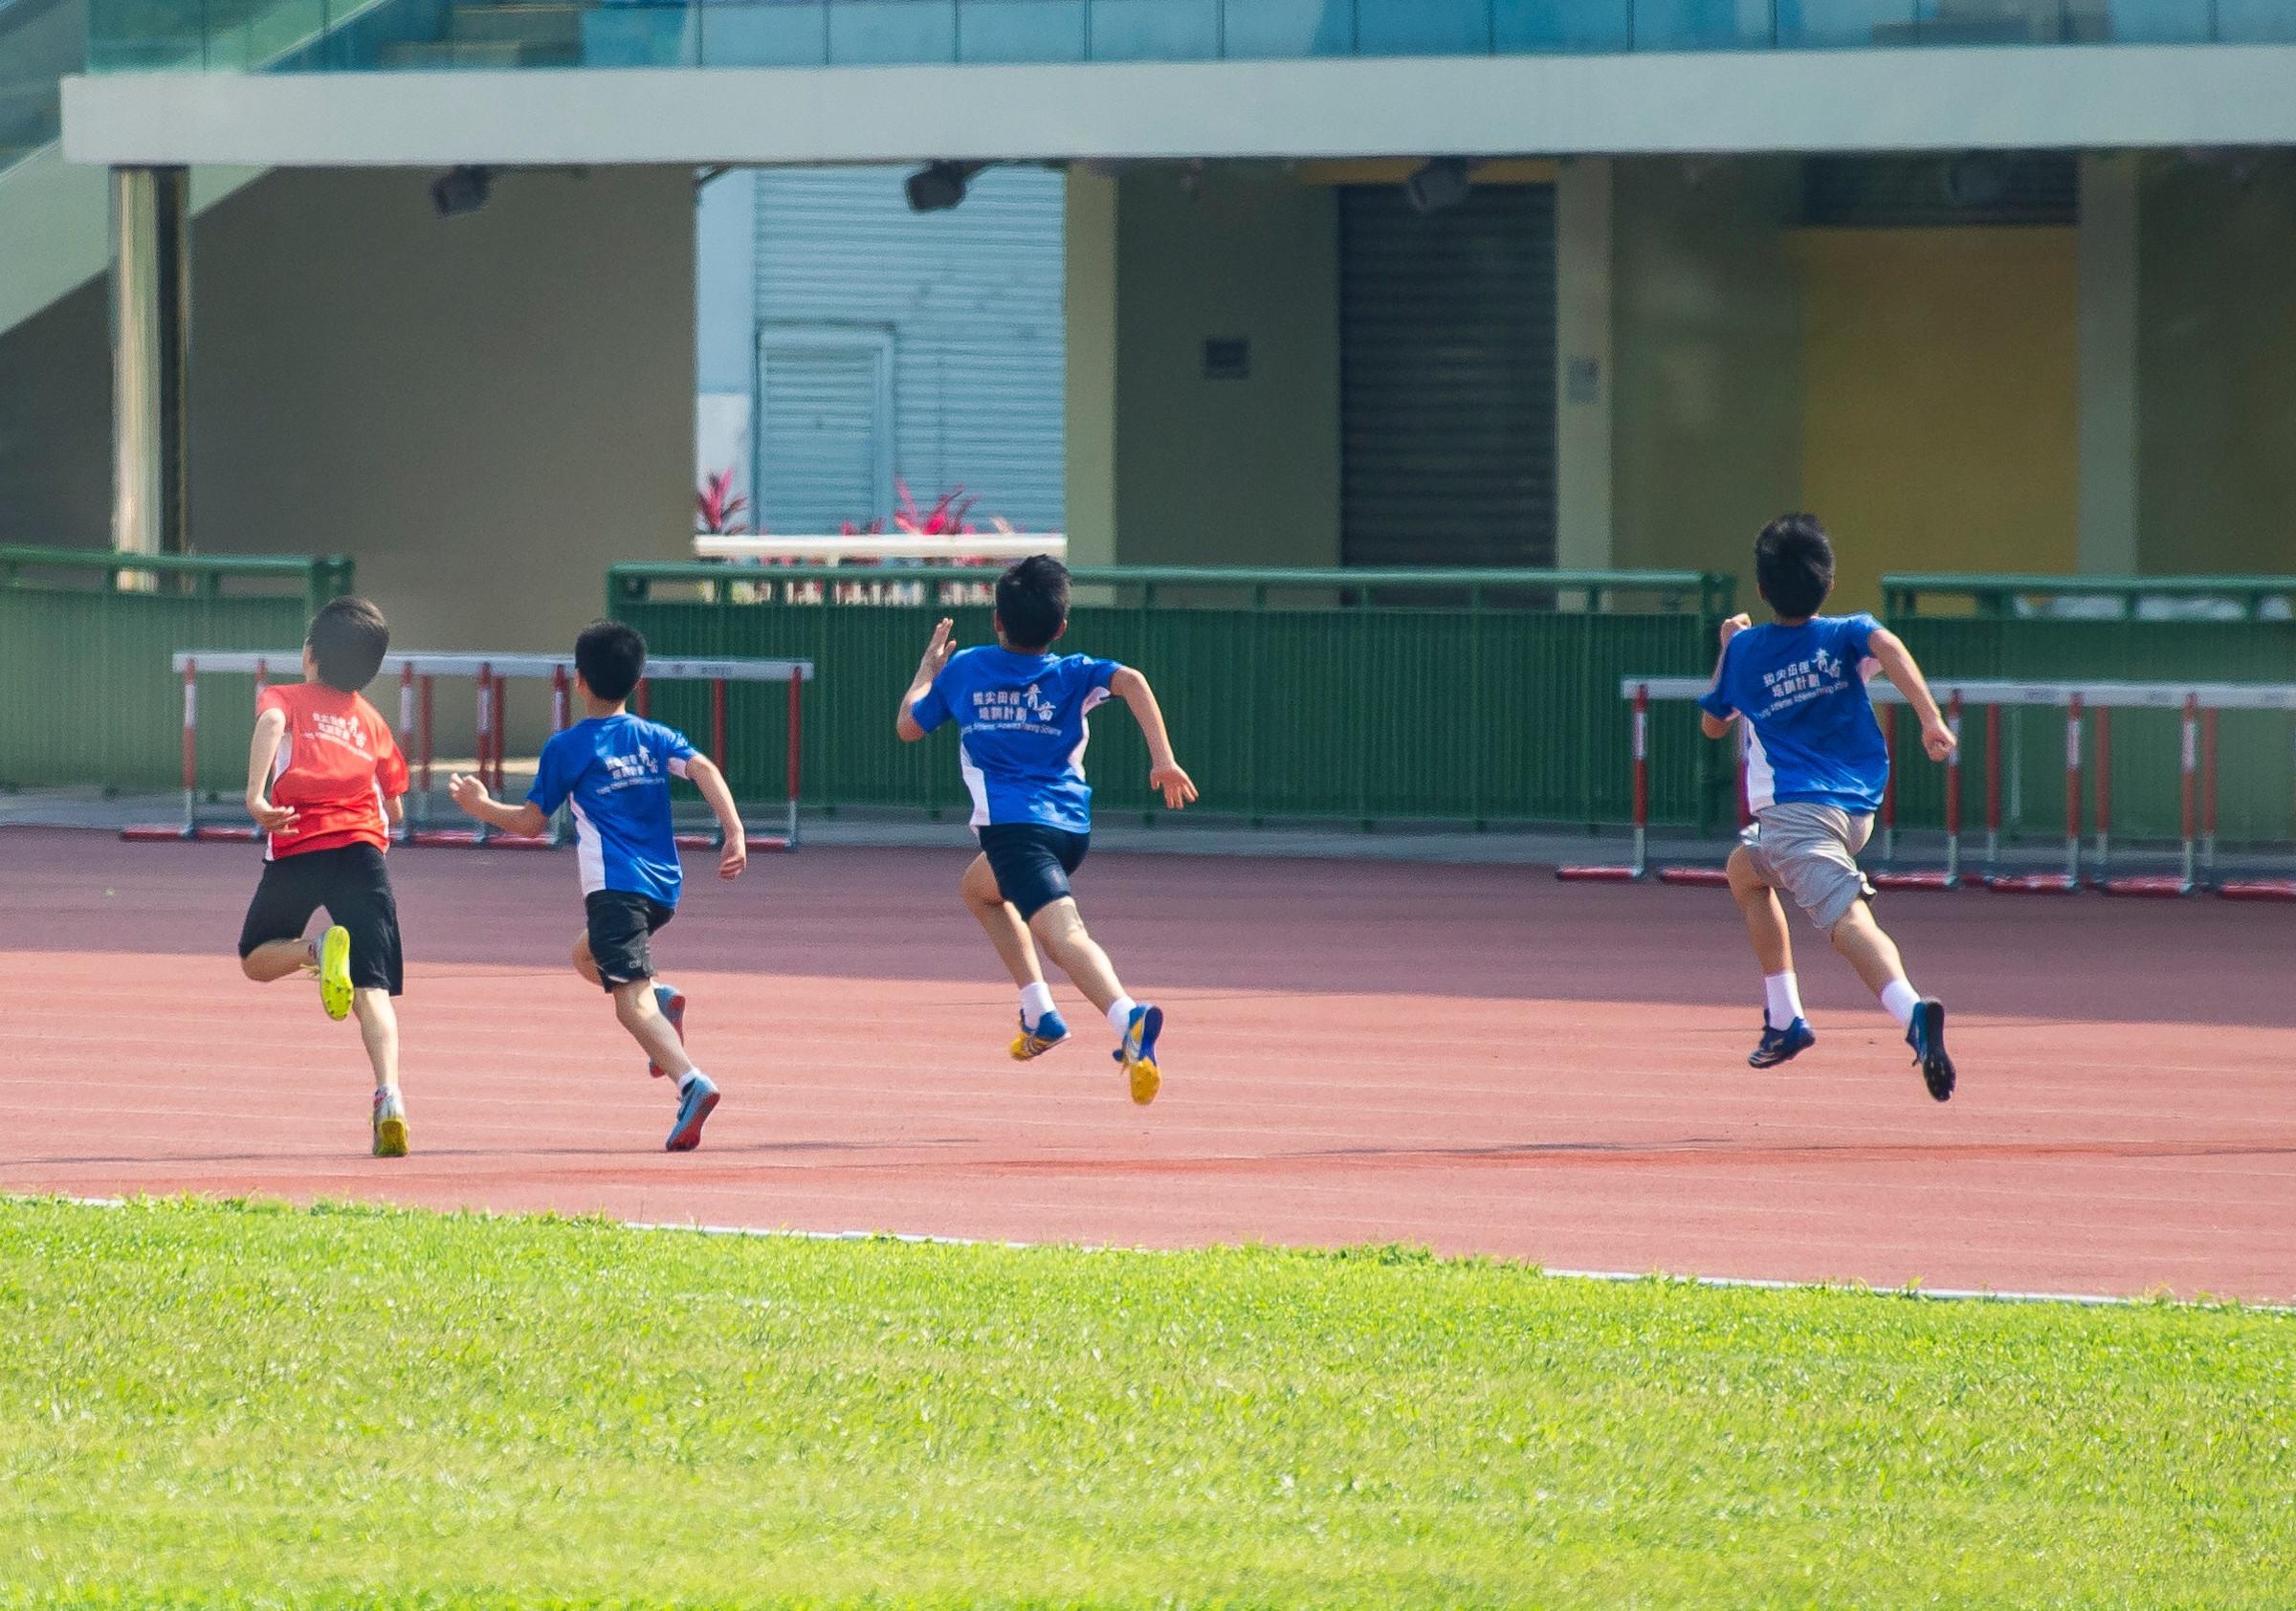 Attività sportive giovanili: perché alcune hanno ripreso e altre no?